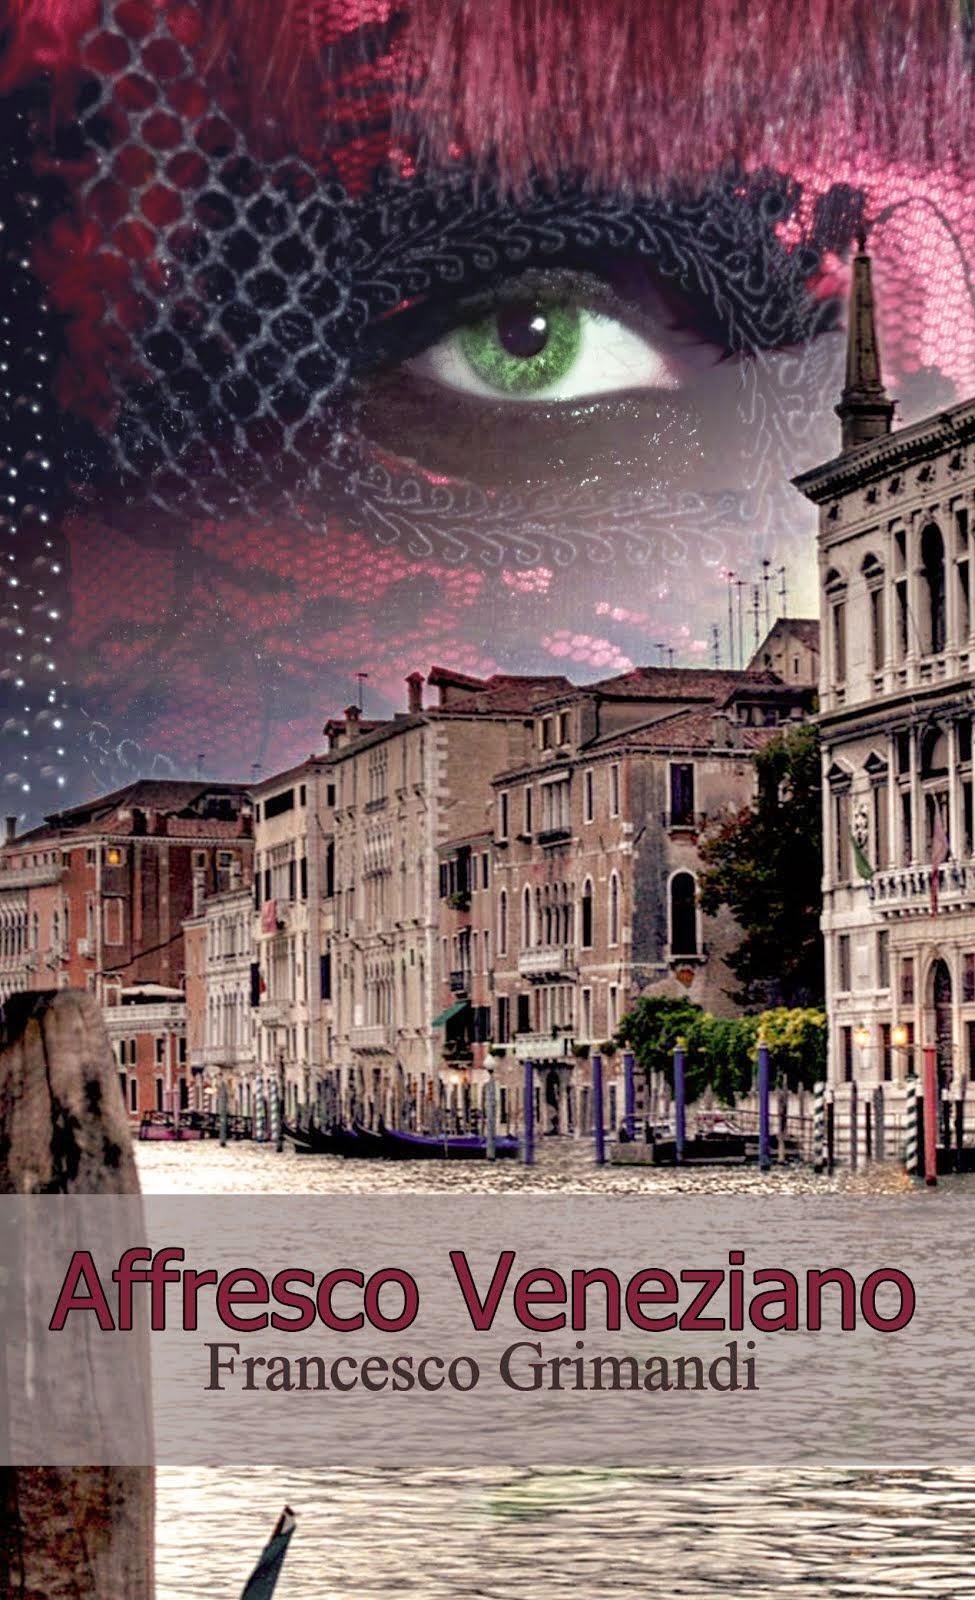 Affresco Veneziano